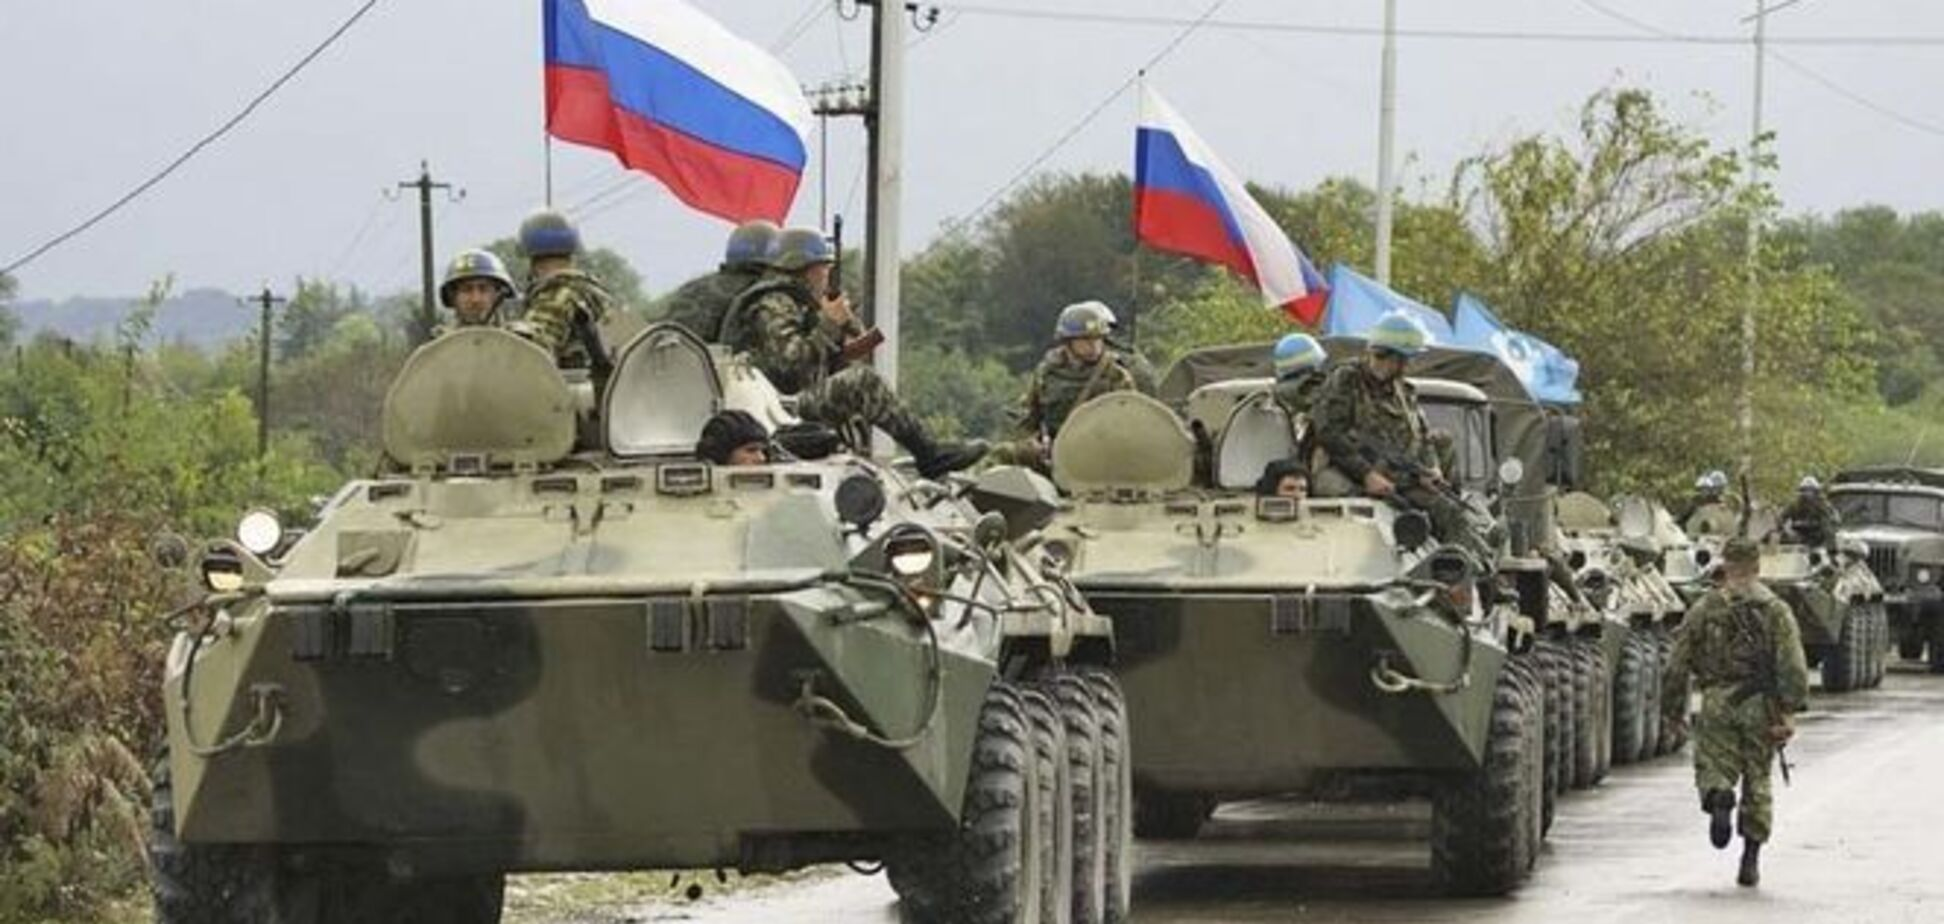 Путин, выводи войска: сосед Украины поставил резкий ультиматум оккупантам РФ